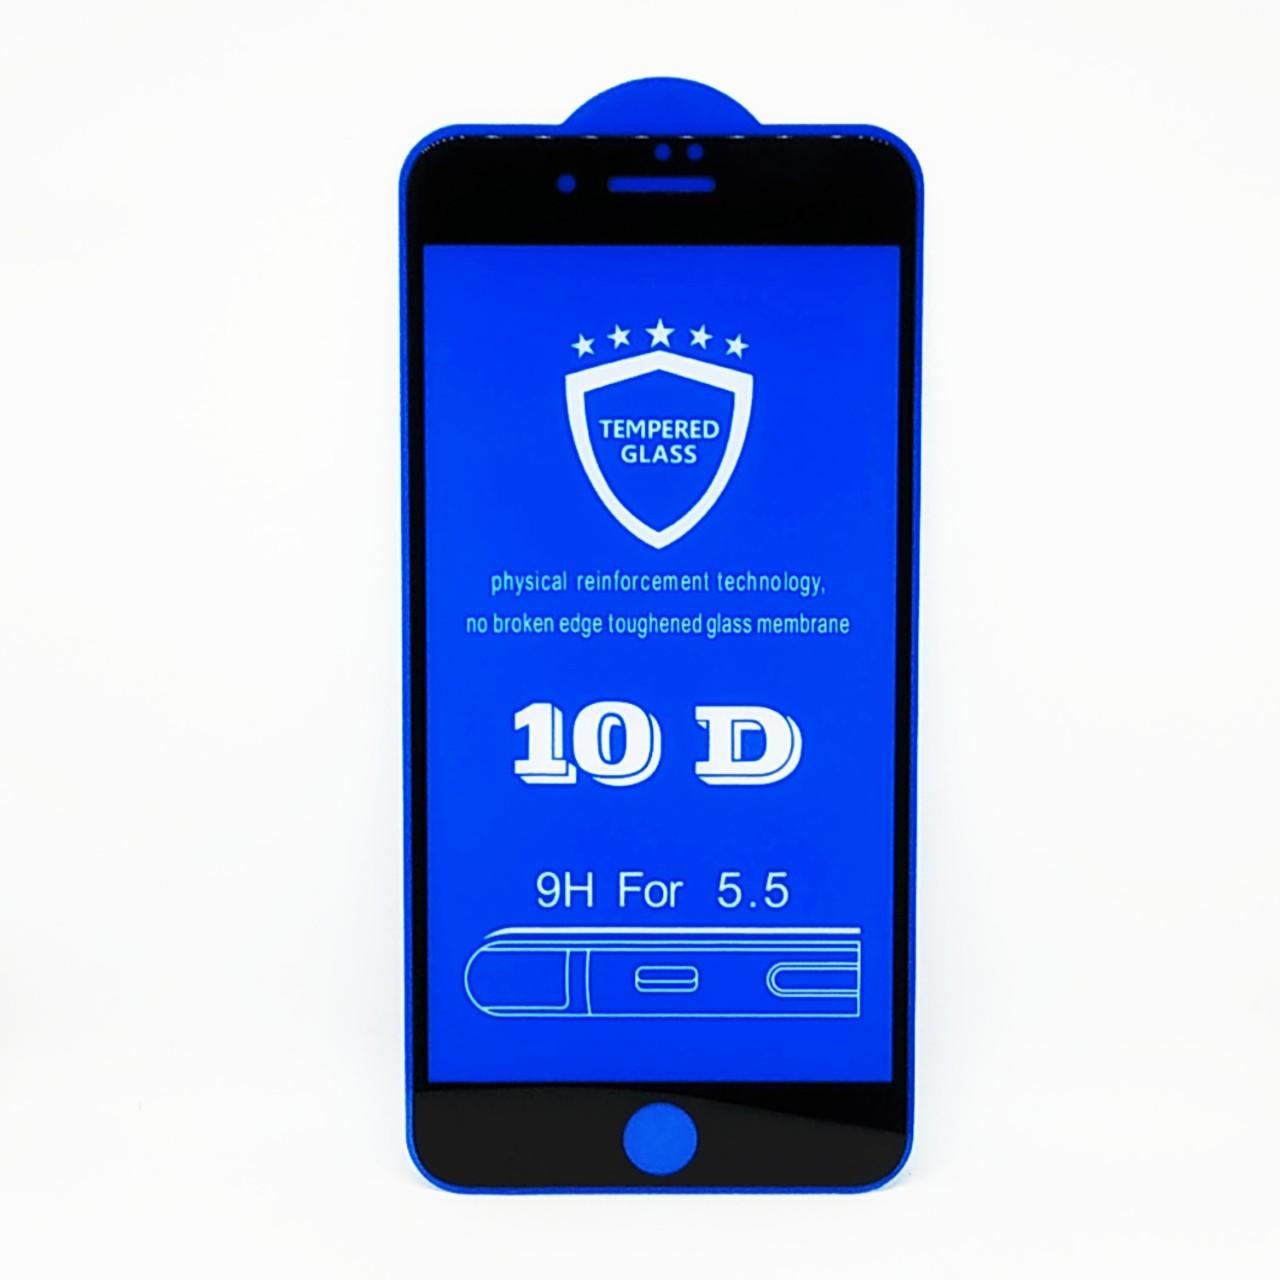 Giá Kính cường lực 10D full màn hình cho iPhone 6 / 6s / 6 Plus / 6s Plus / 7 / 8 / 7 Plus / 8 Plus / X / Xs / Xr / Xs Max / 11 / 11Pro / 11 Pro Max - Không chấm liti, không hở mép